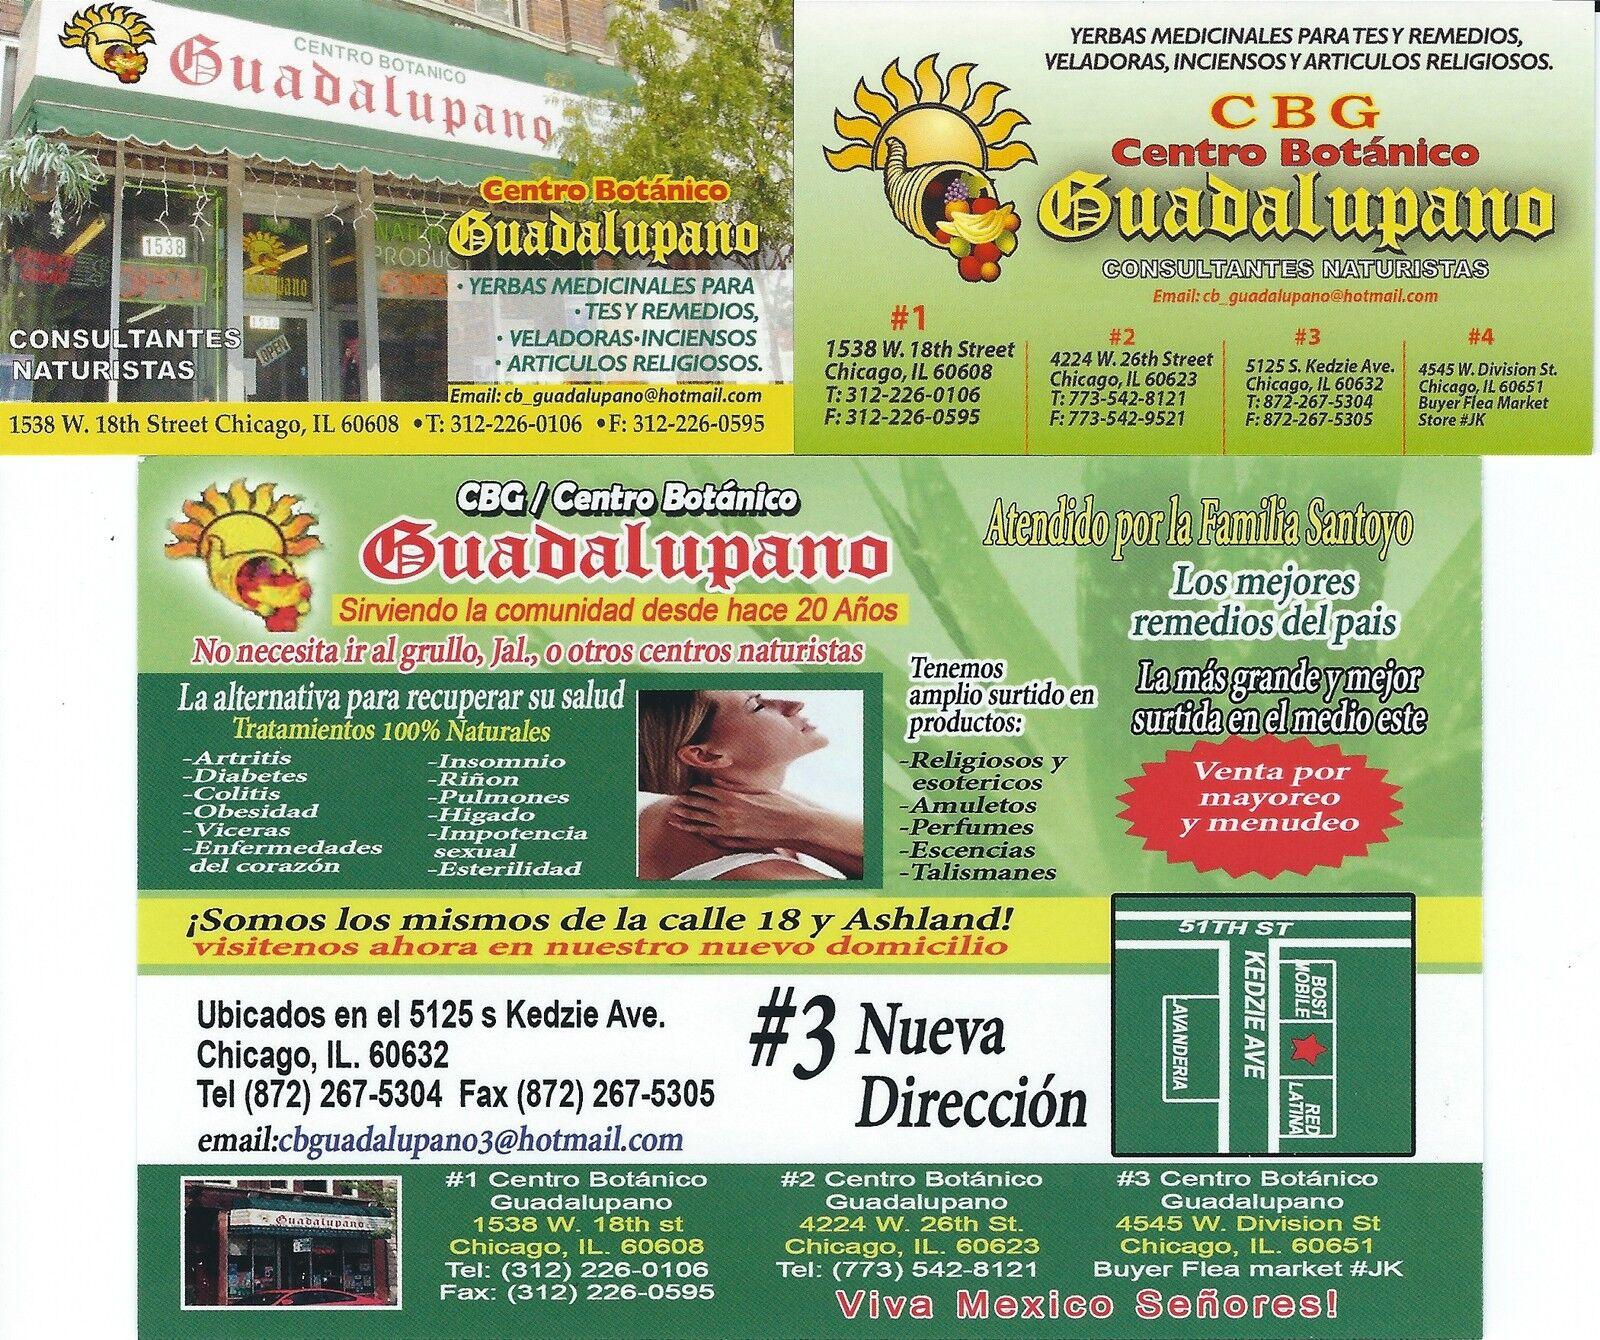 CentroBotanicoGuadalupano 3